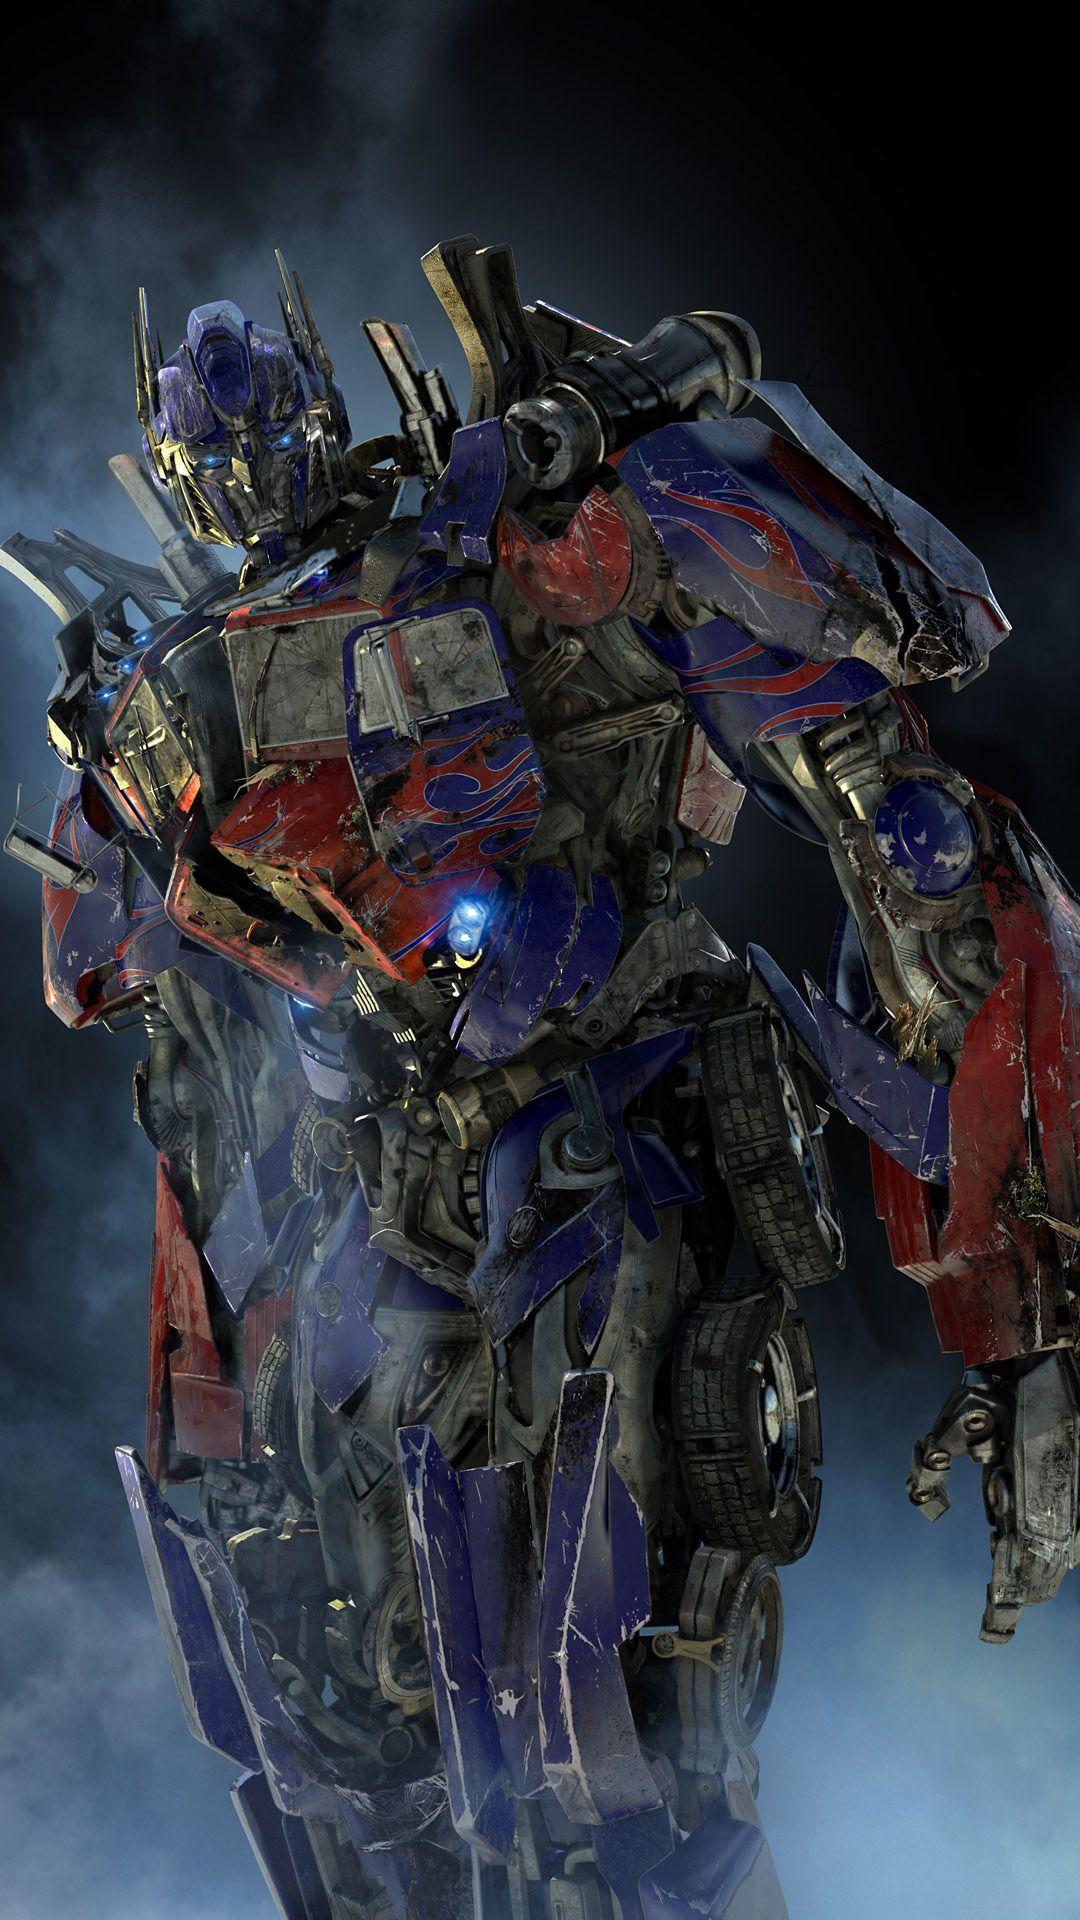 Optimus Prime Transformers Optimus Prime Wallpaper Transformers Transformers Optimus Prime Optimus Prime Wallpaper